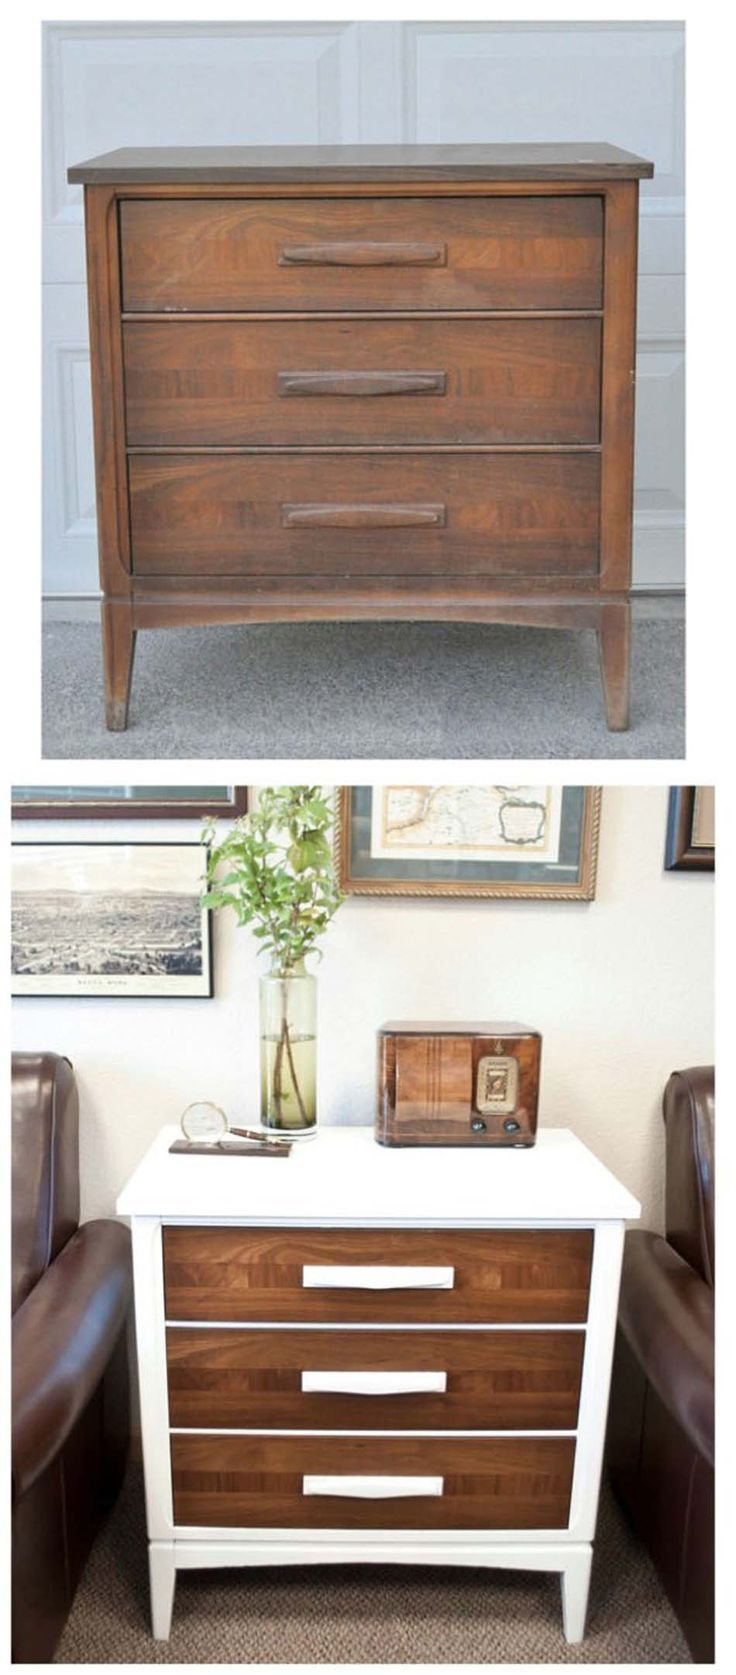 17 meilleures id es propos de meubles sur pinterest meubles remis neuf - Customiser un lit en bois ...